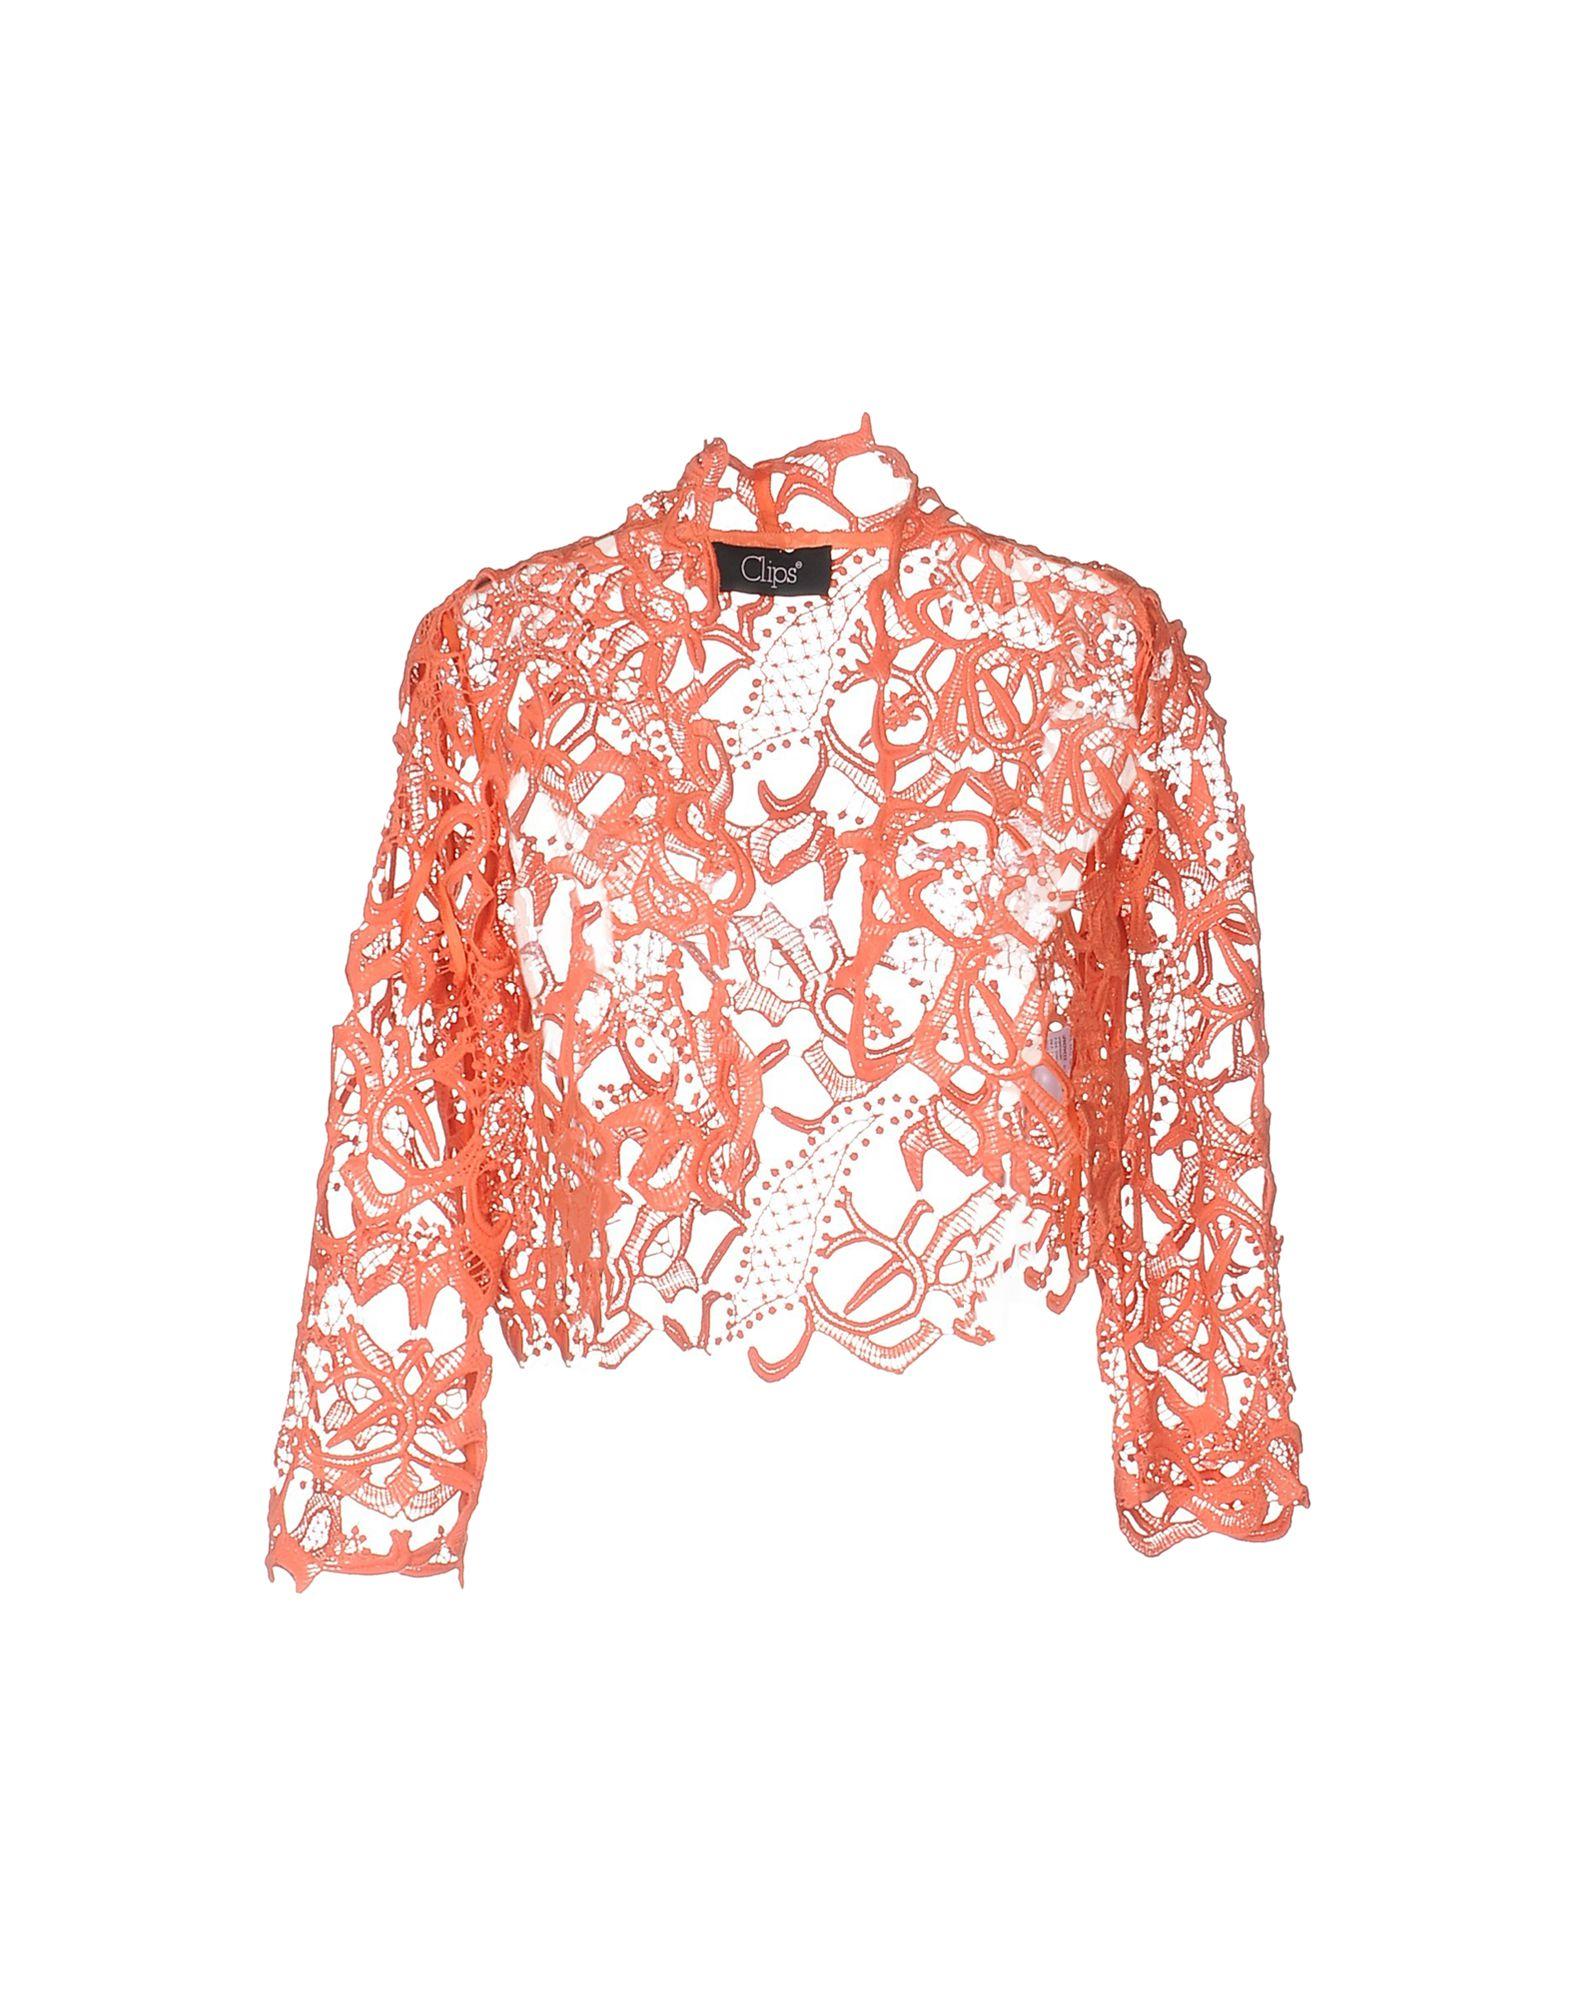 CLIPS Damen Jackett Farbe Orange Größe 8 - broschei